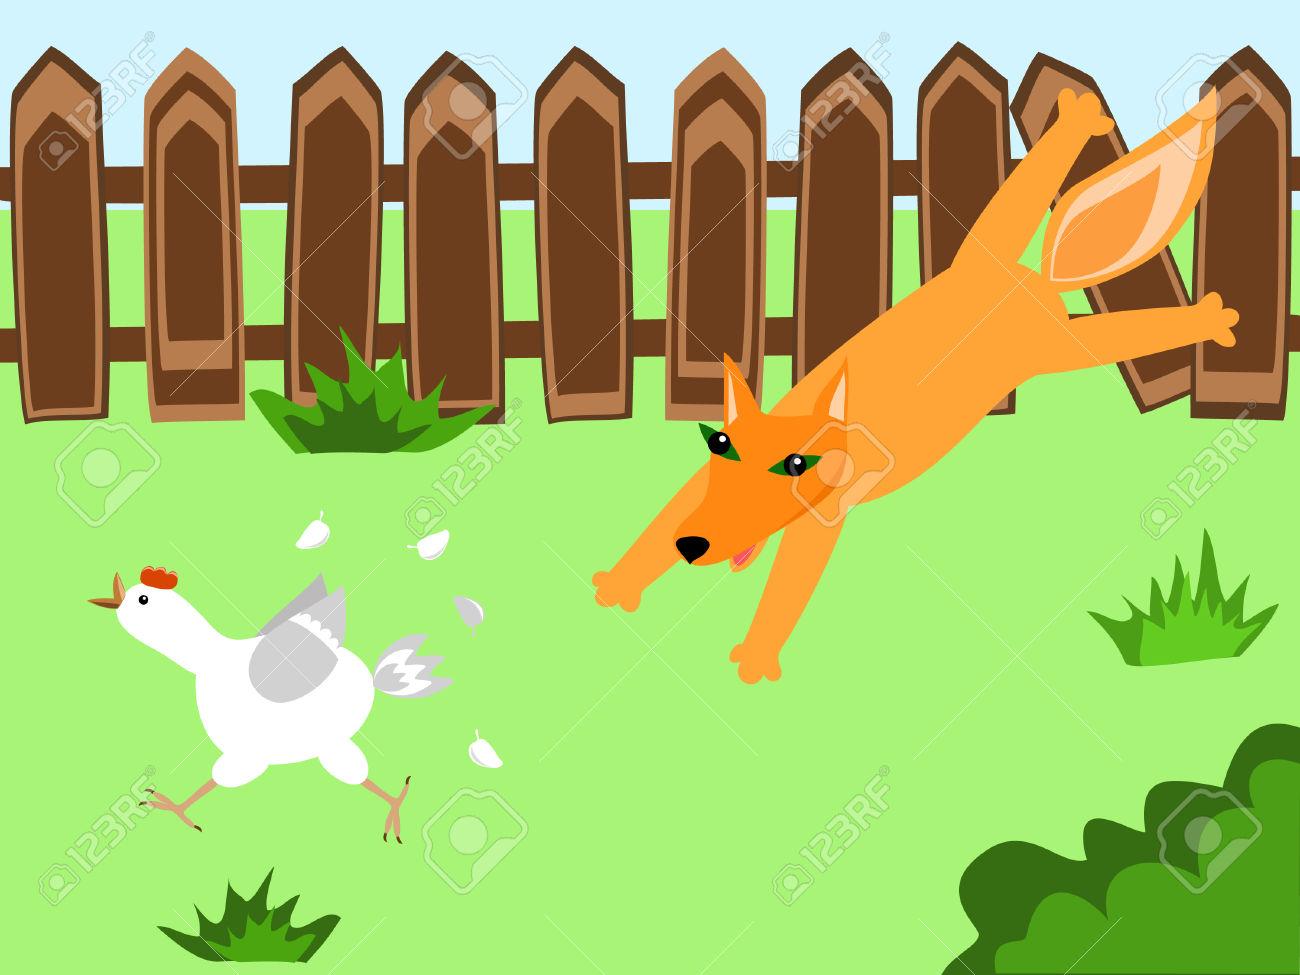 A Fox Hunting A Hen At The Farmyard Royalty Free Cliparts, Vectors.